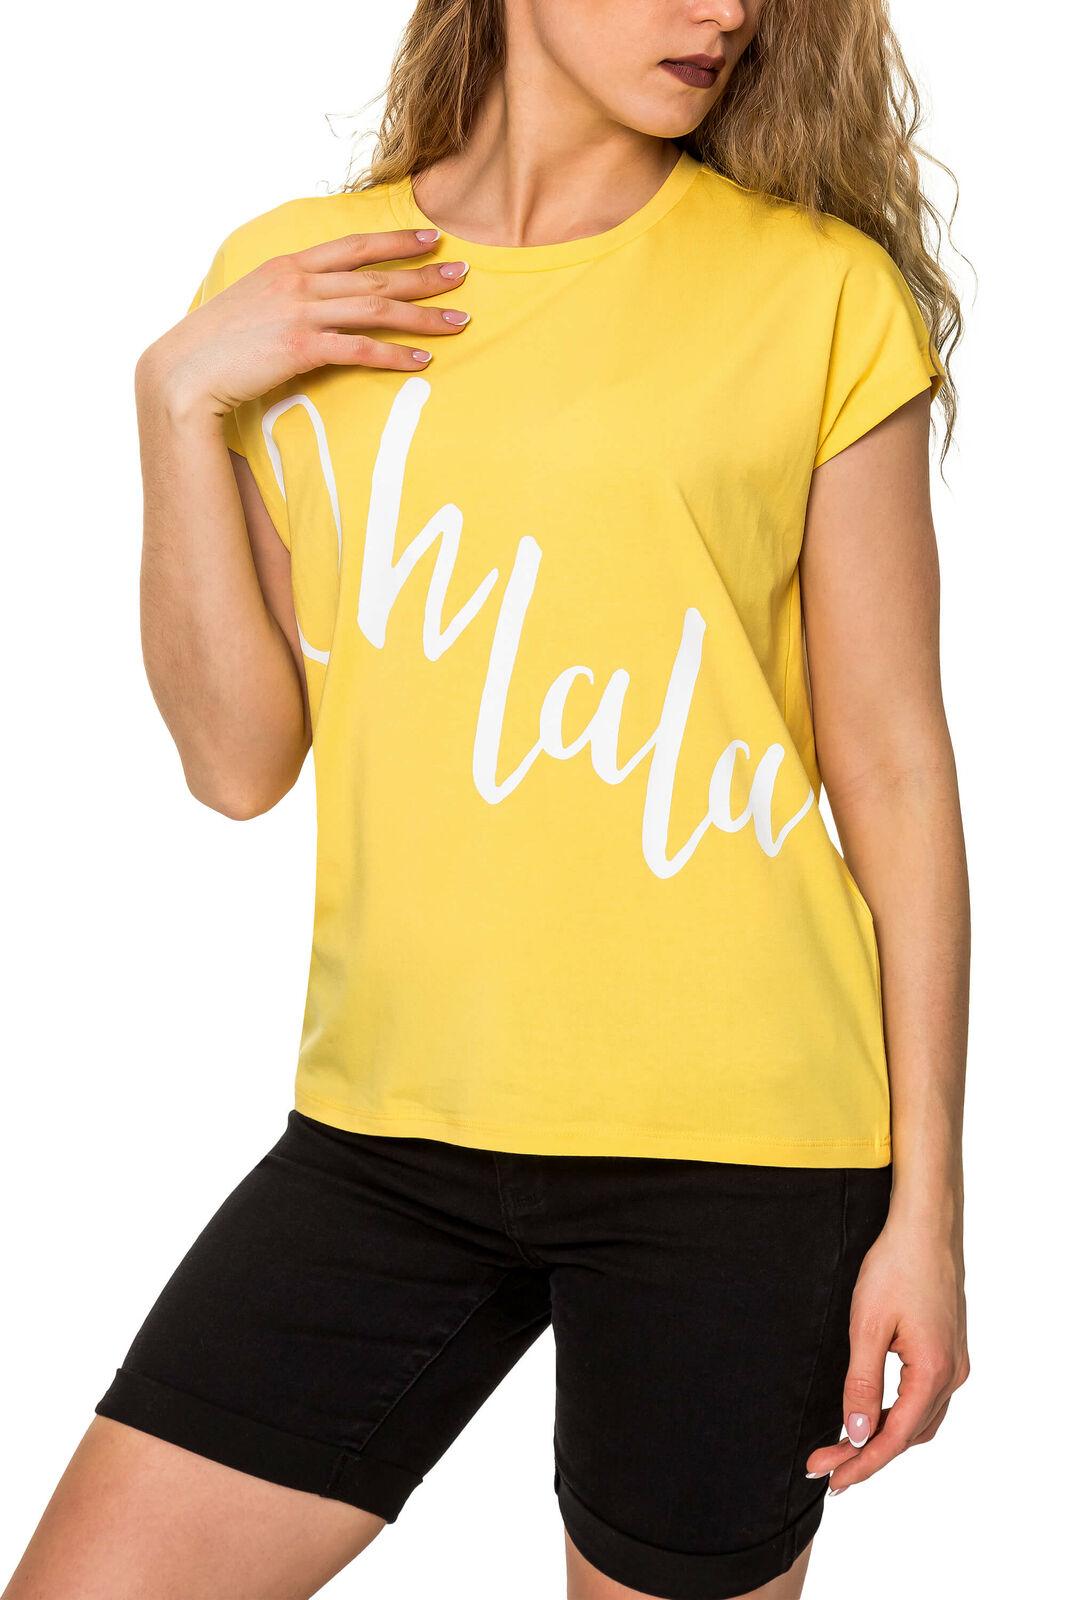 Vero Moda Damen T-Shirt Print Shirt Kurzarmshirt Short Sleeve Cute SALE %